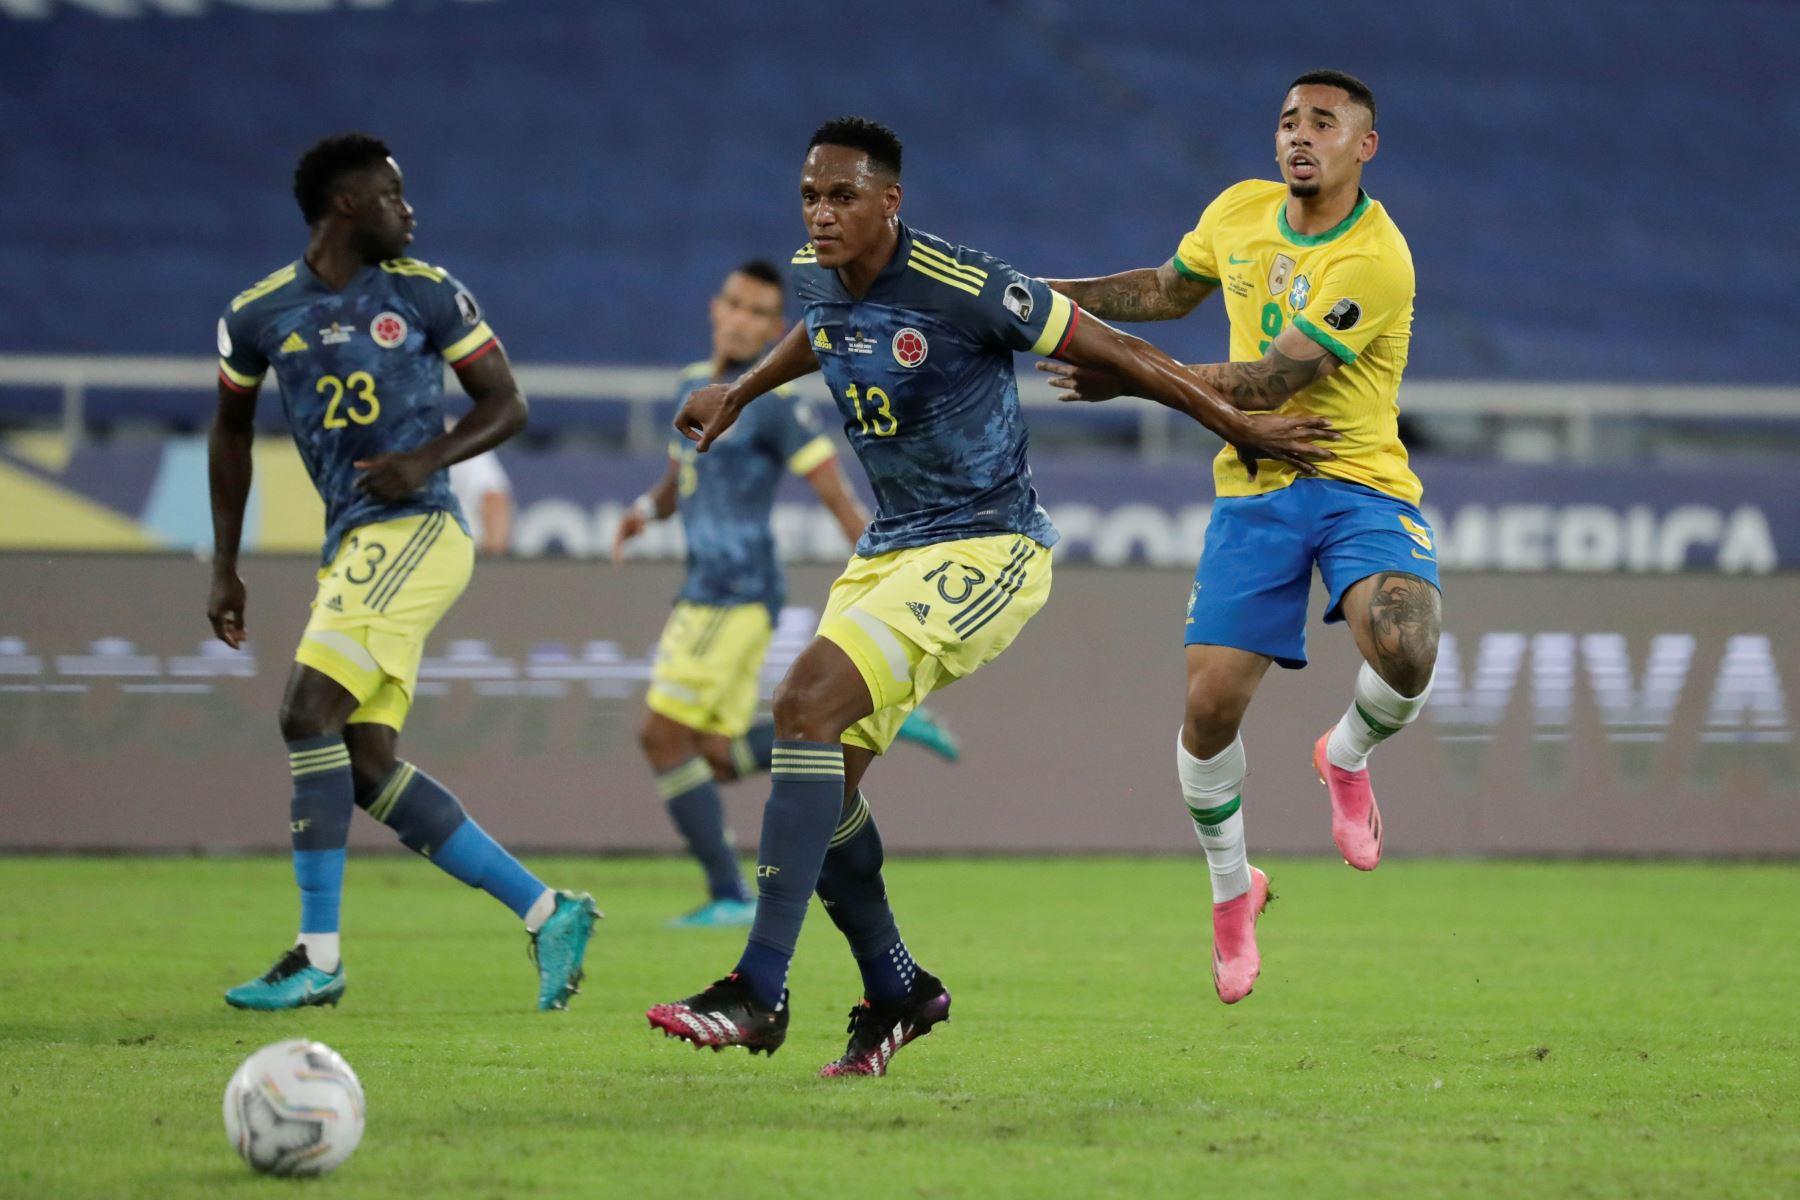 Gabriel Jesús de Brasil disputa hoy el balón con Yerry Mina  de Colombia, durante un partido por el Grupo B de la Copa América en el Estadio Olímpico Nilton Santos de Río de Janeiro. Foto: EFE